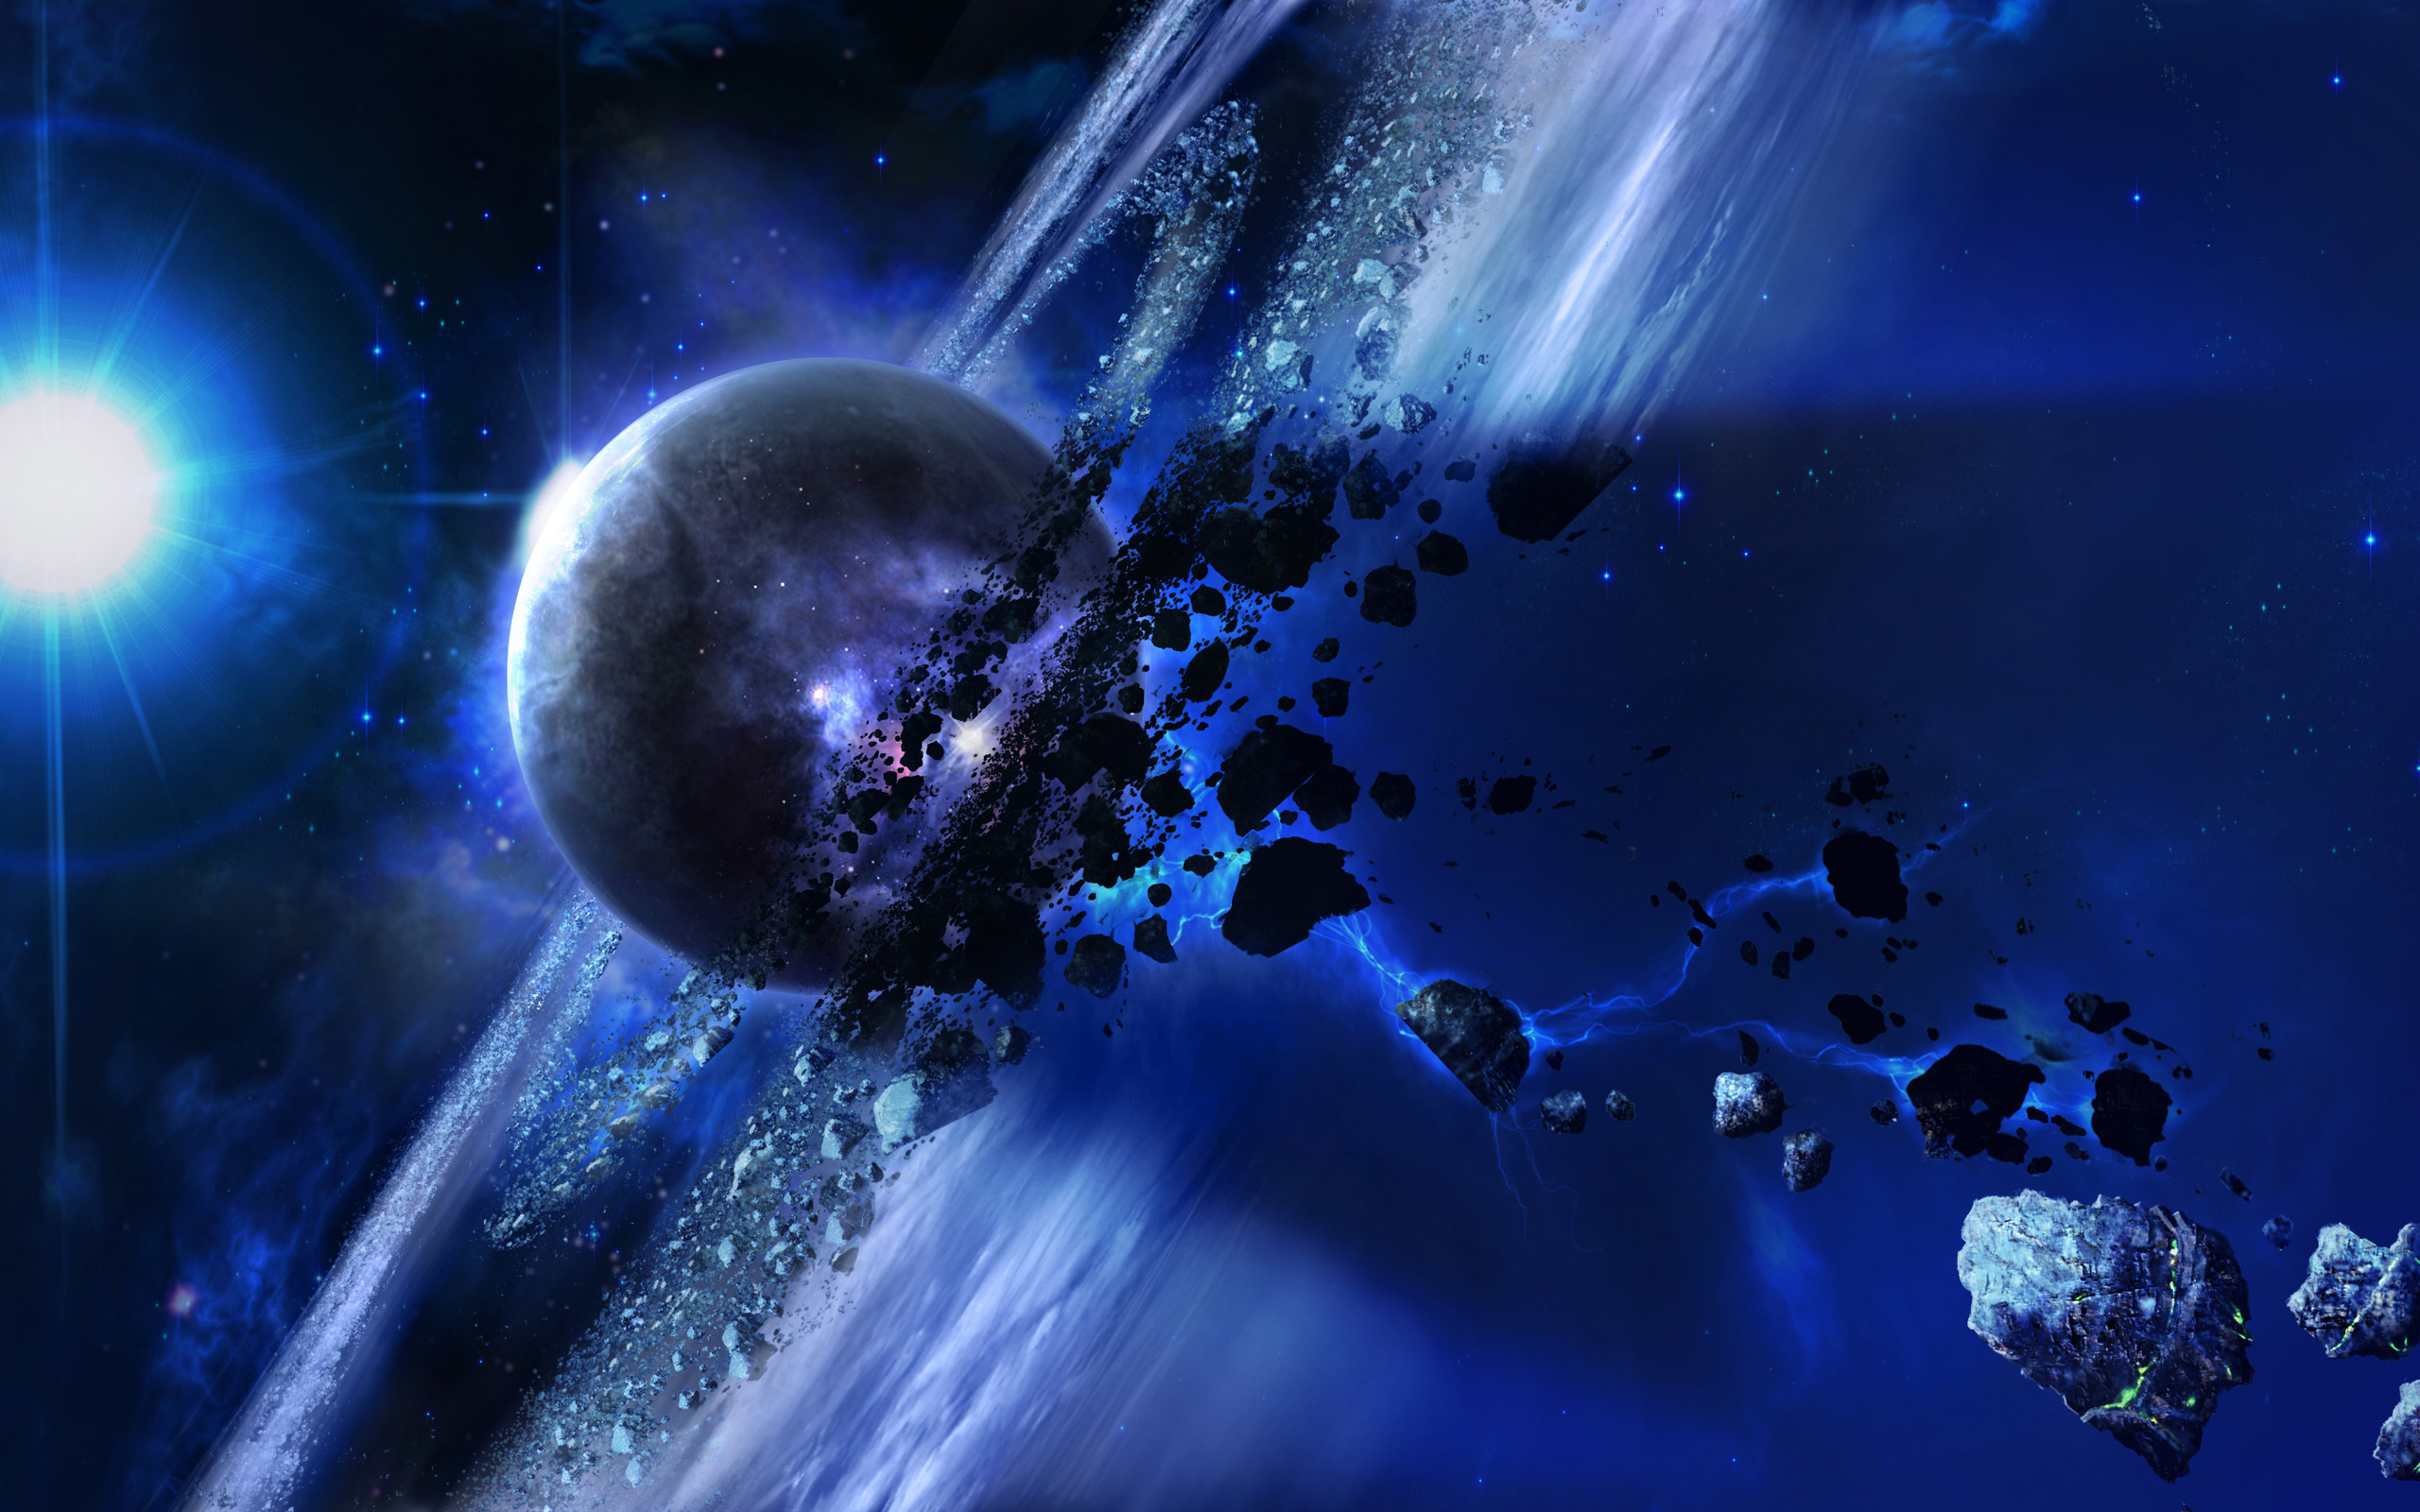 Обои галактика космос звезды картинки на рабочий стол на тему Космос - скачать  № 3548454  скачать